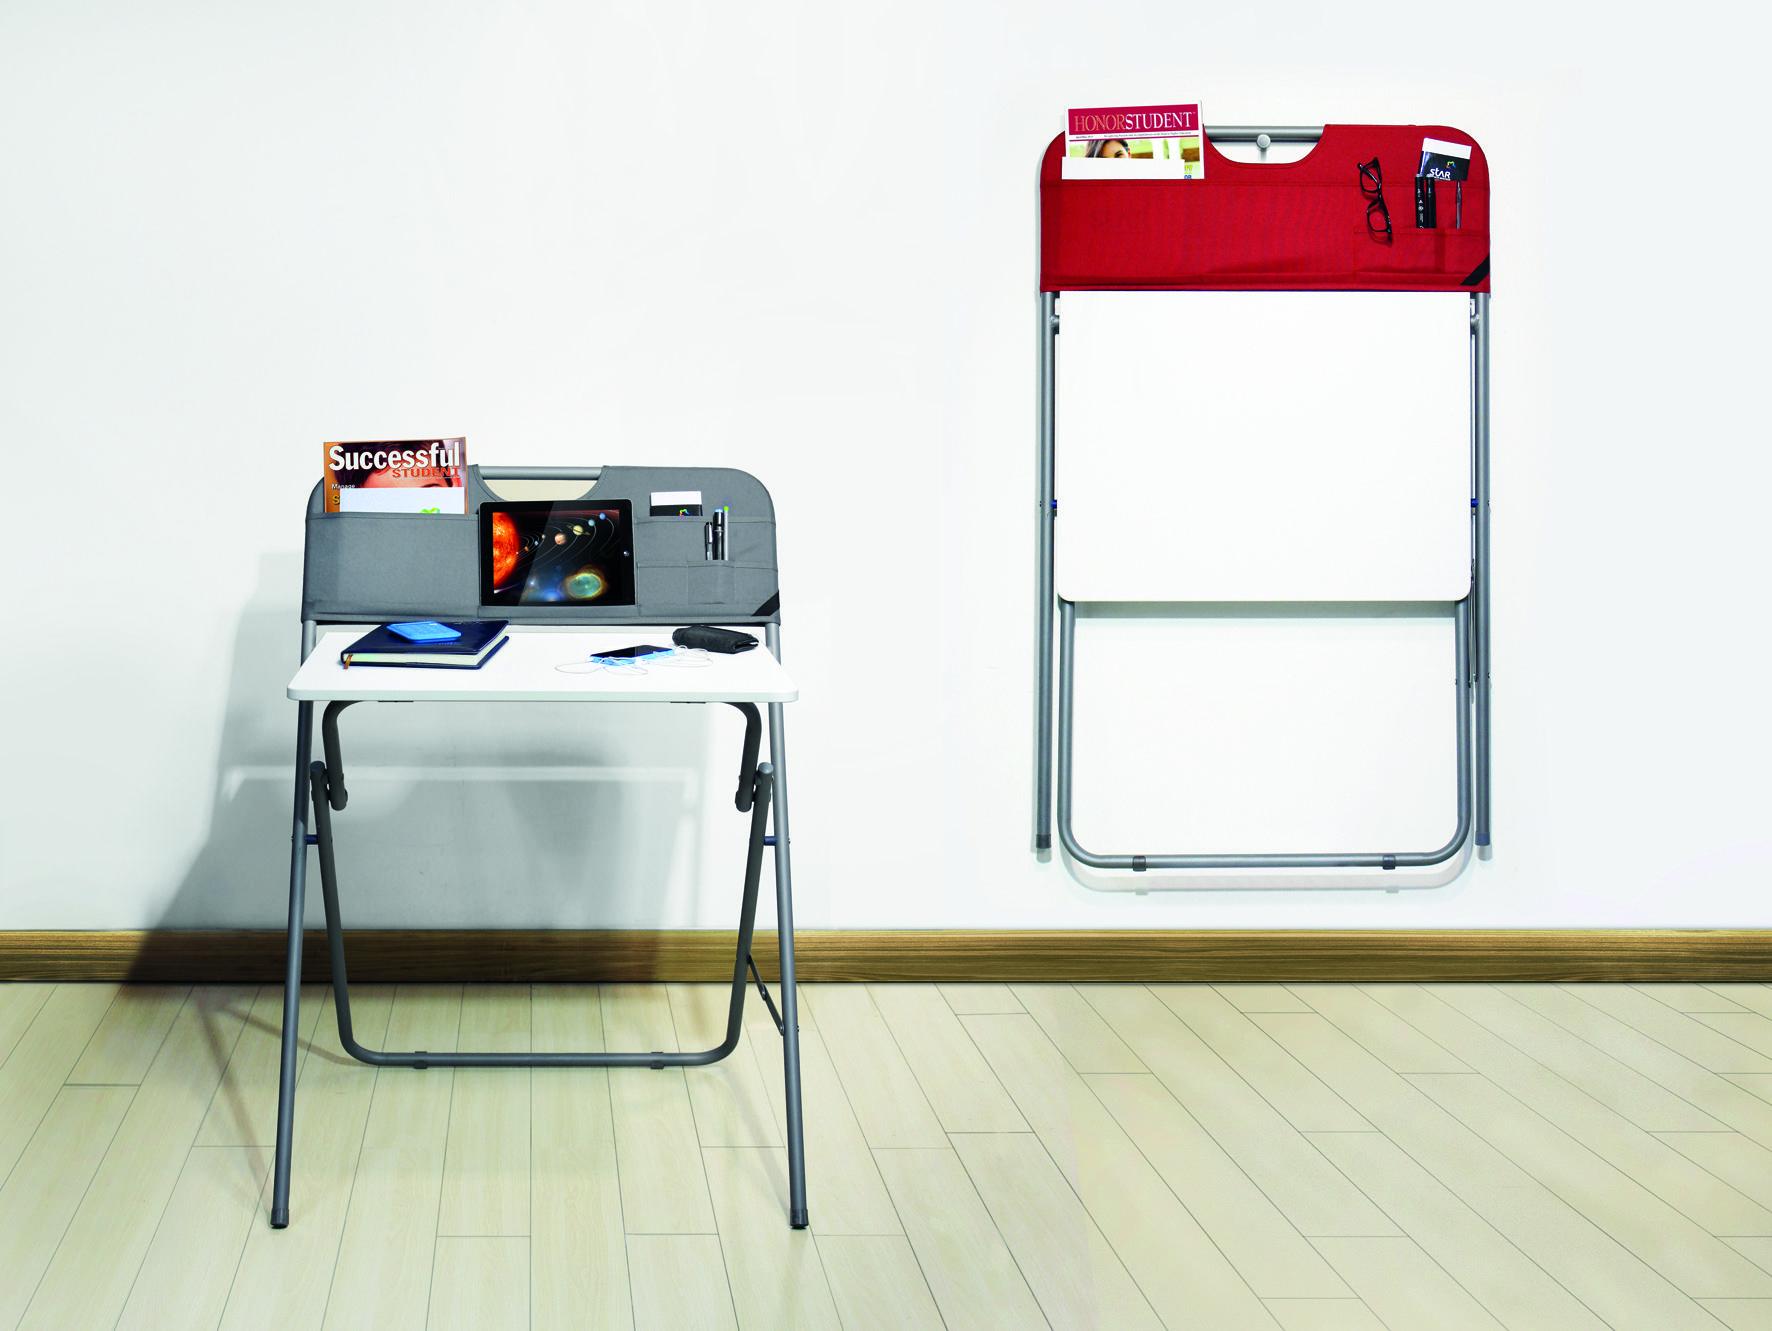 bureau pliant la maison by carrefour meubles pinterest smart desk desk et deco salon. Black Bedroom Furniture Sets. Home Design Ideas